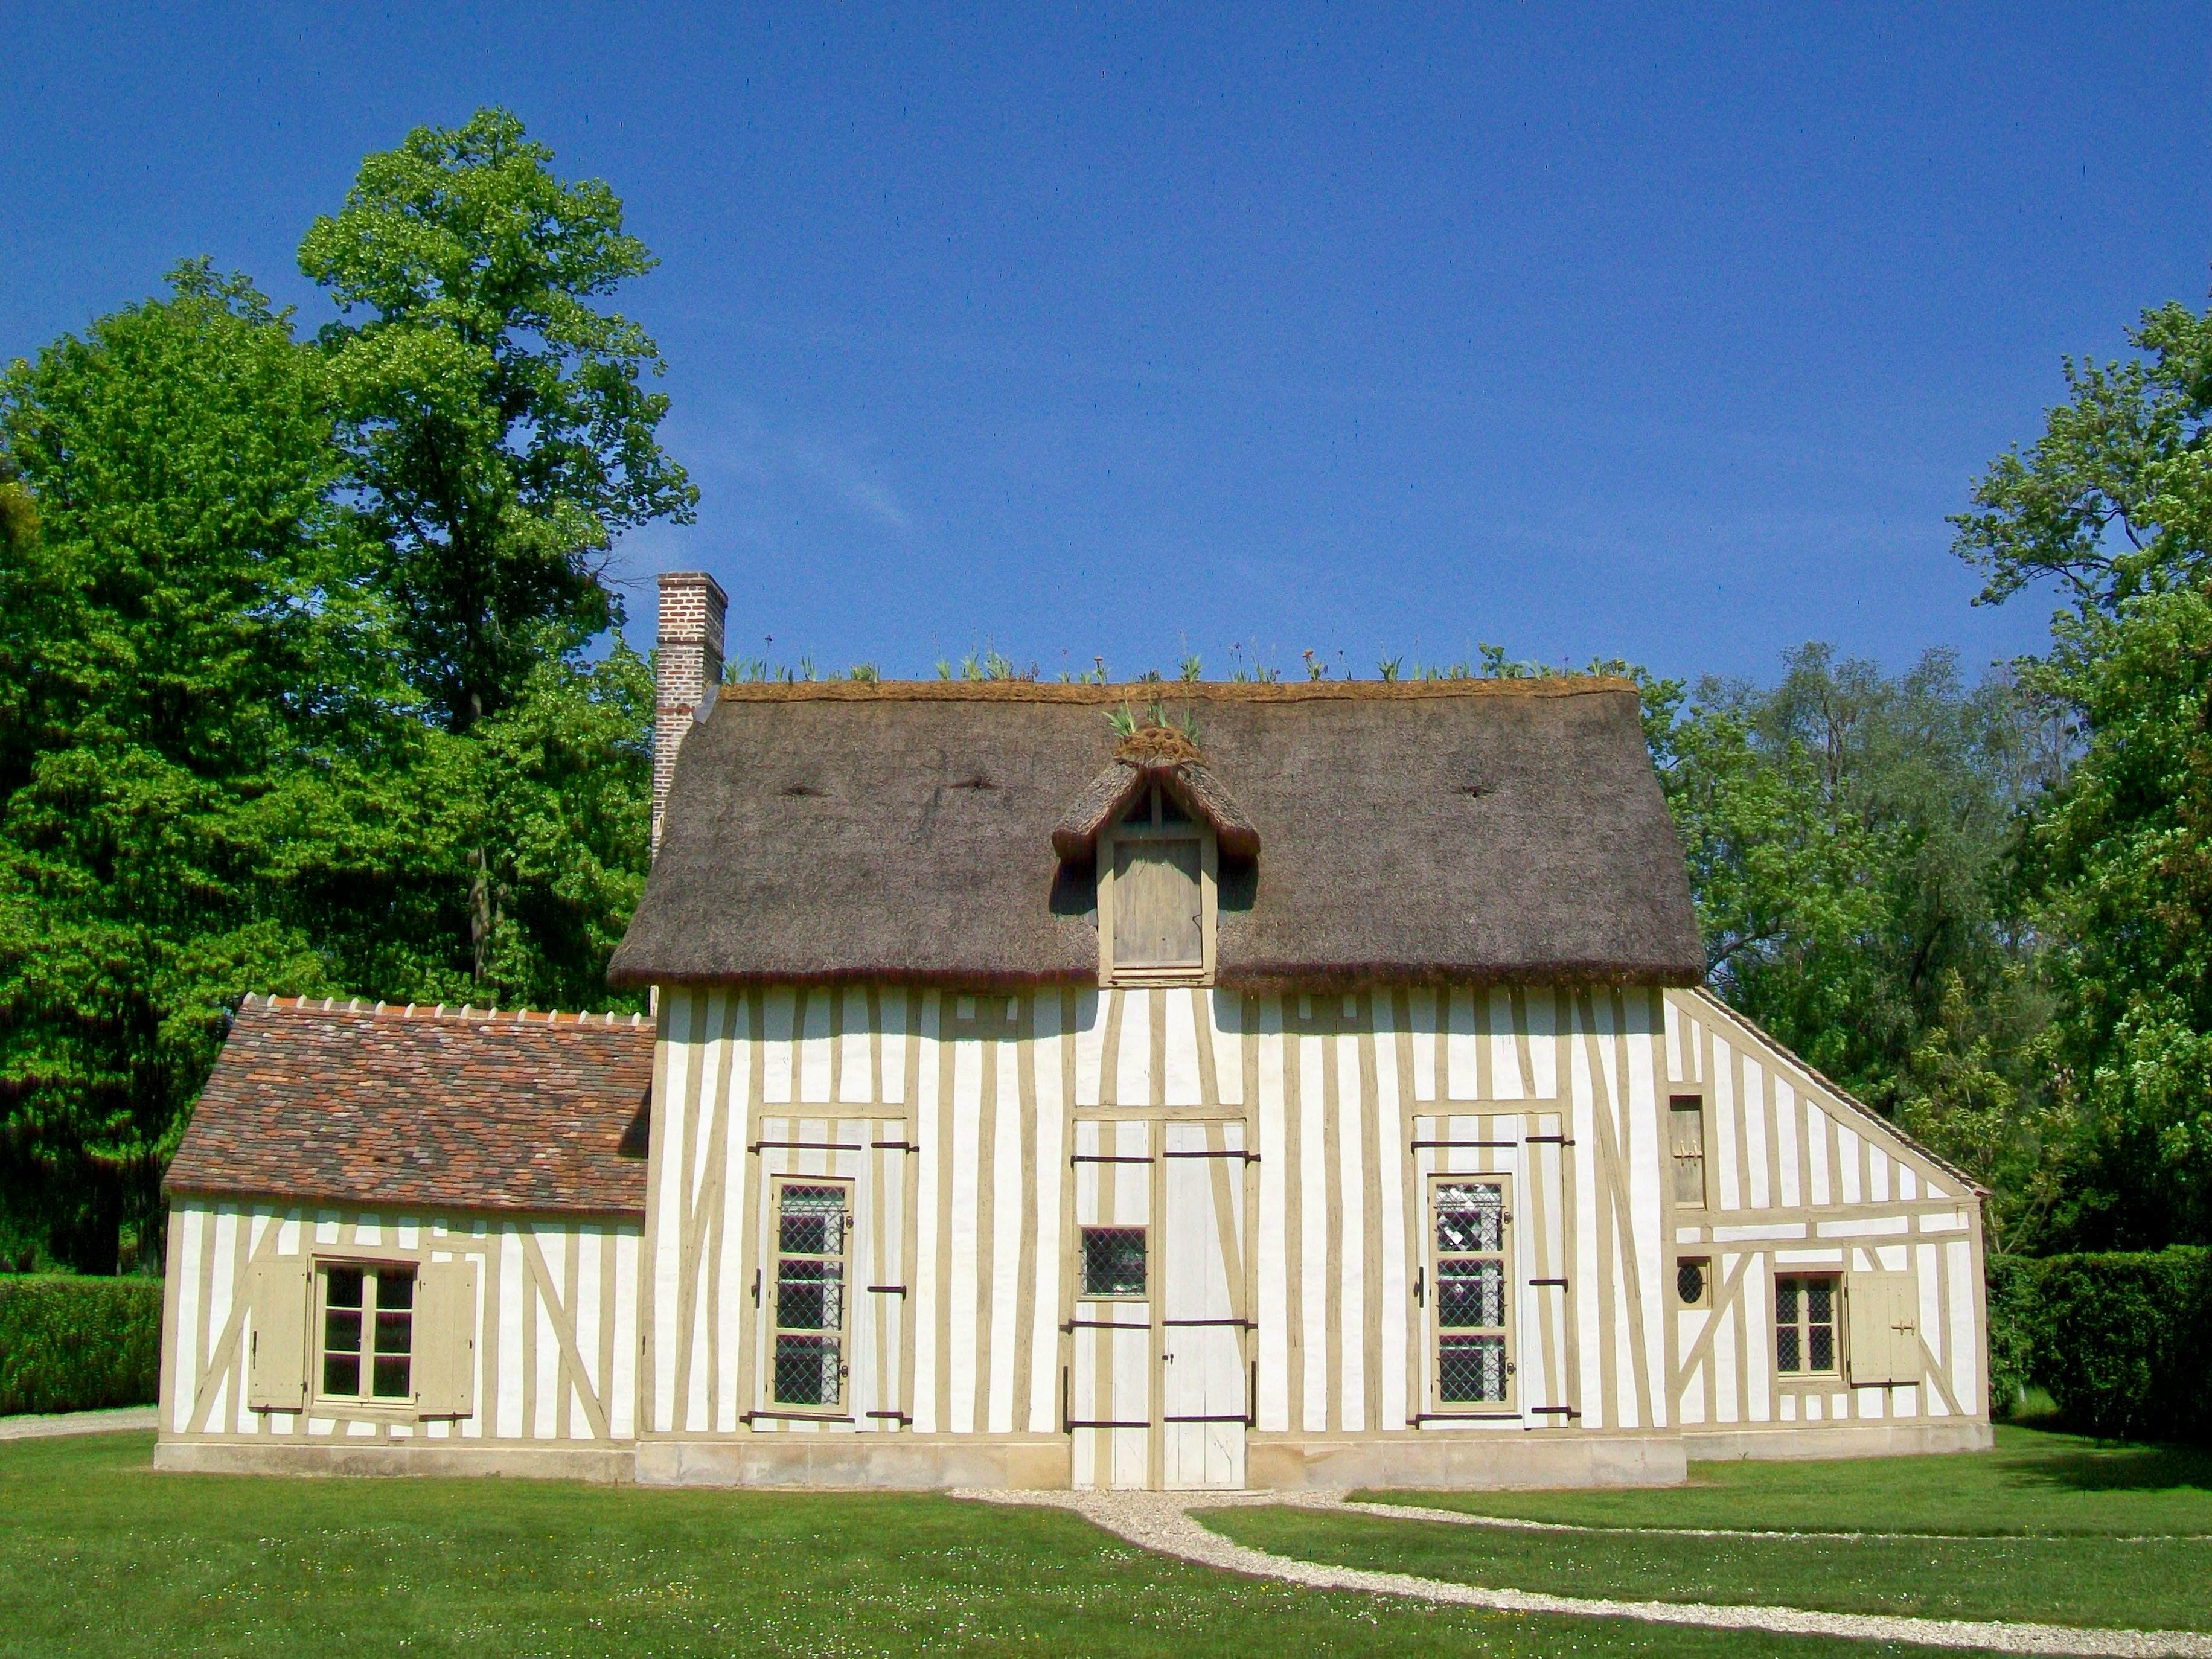 Salon De Jardin Original file:château de chantilly, jardin anglo-chinois, le hameau